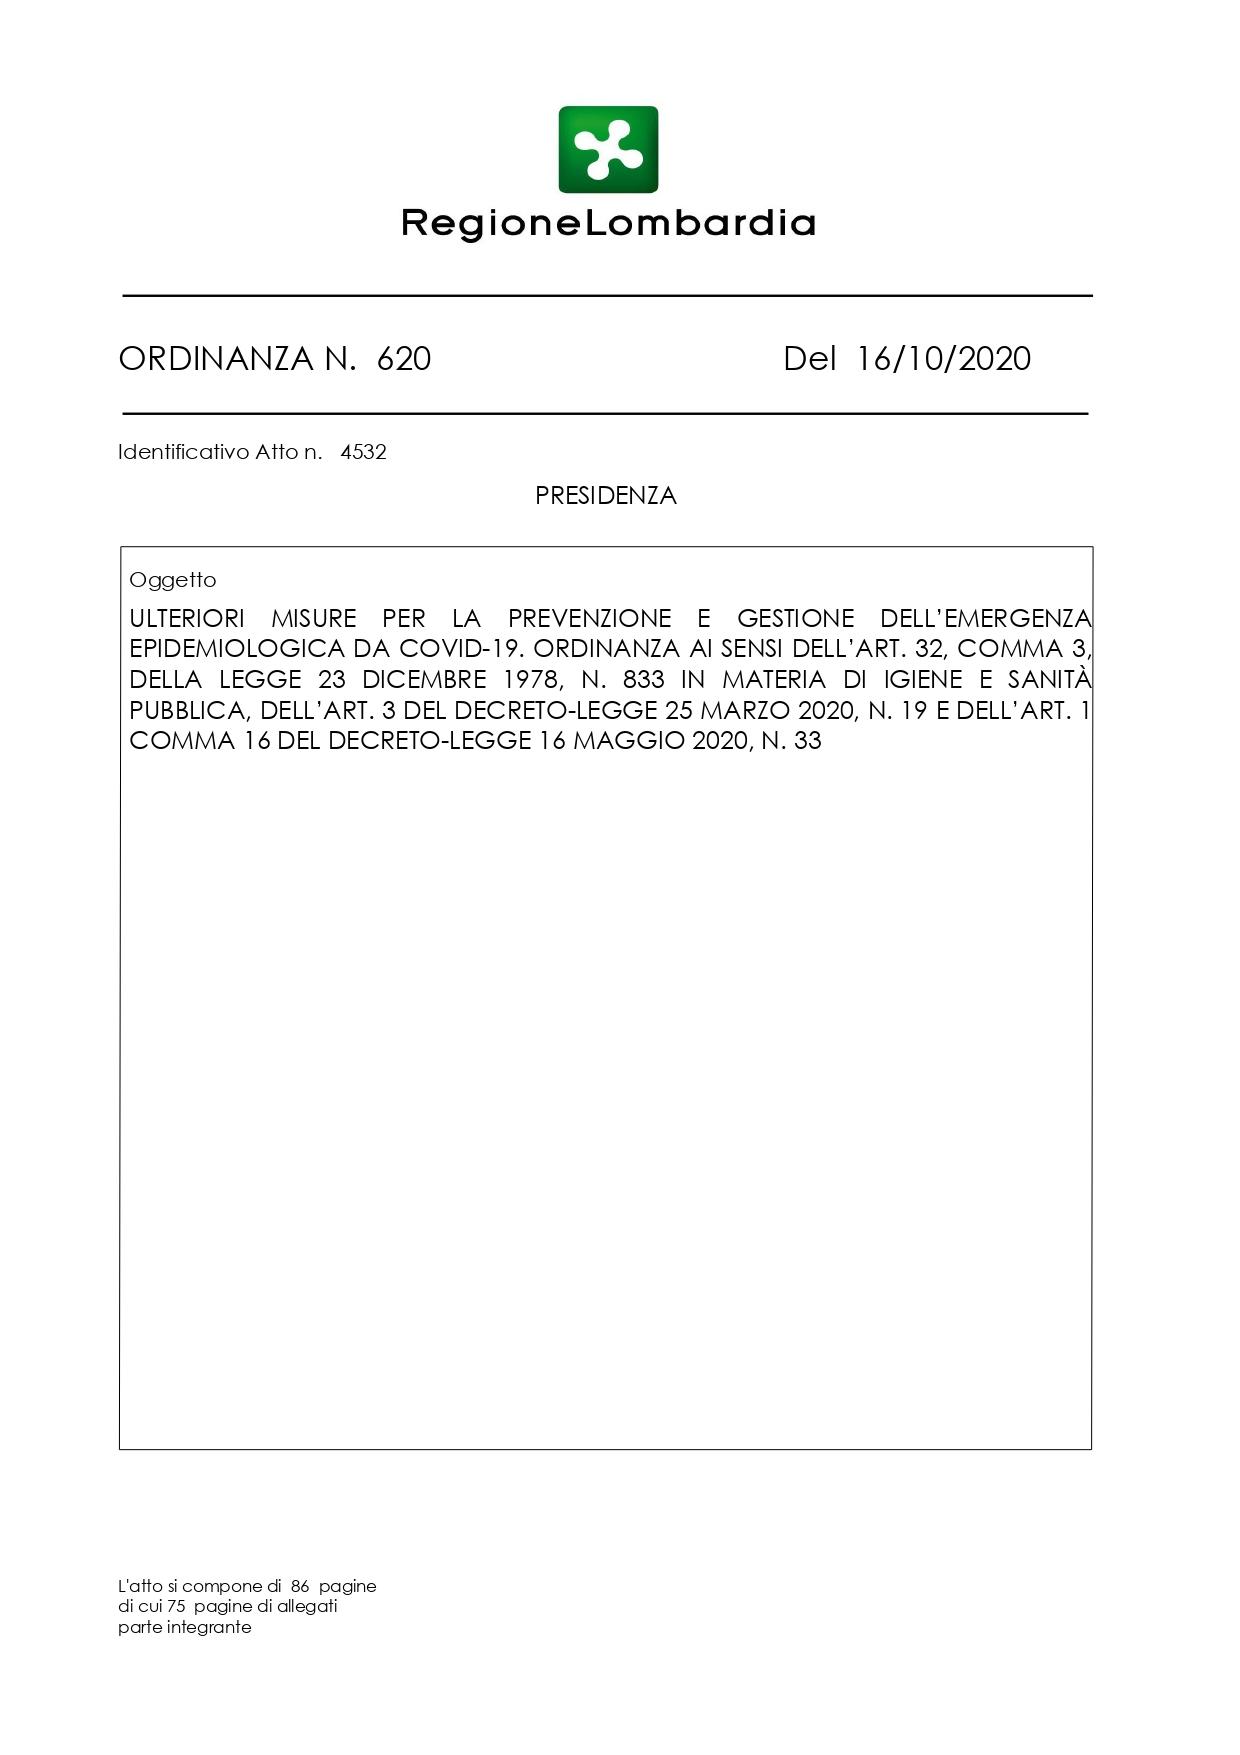 Ordinanza del Presidente della Lombardia del 16 Ottobre 2020